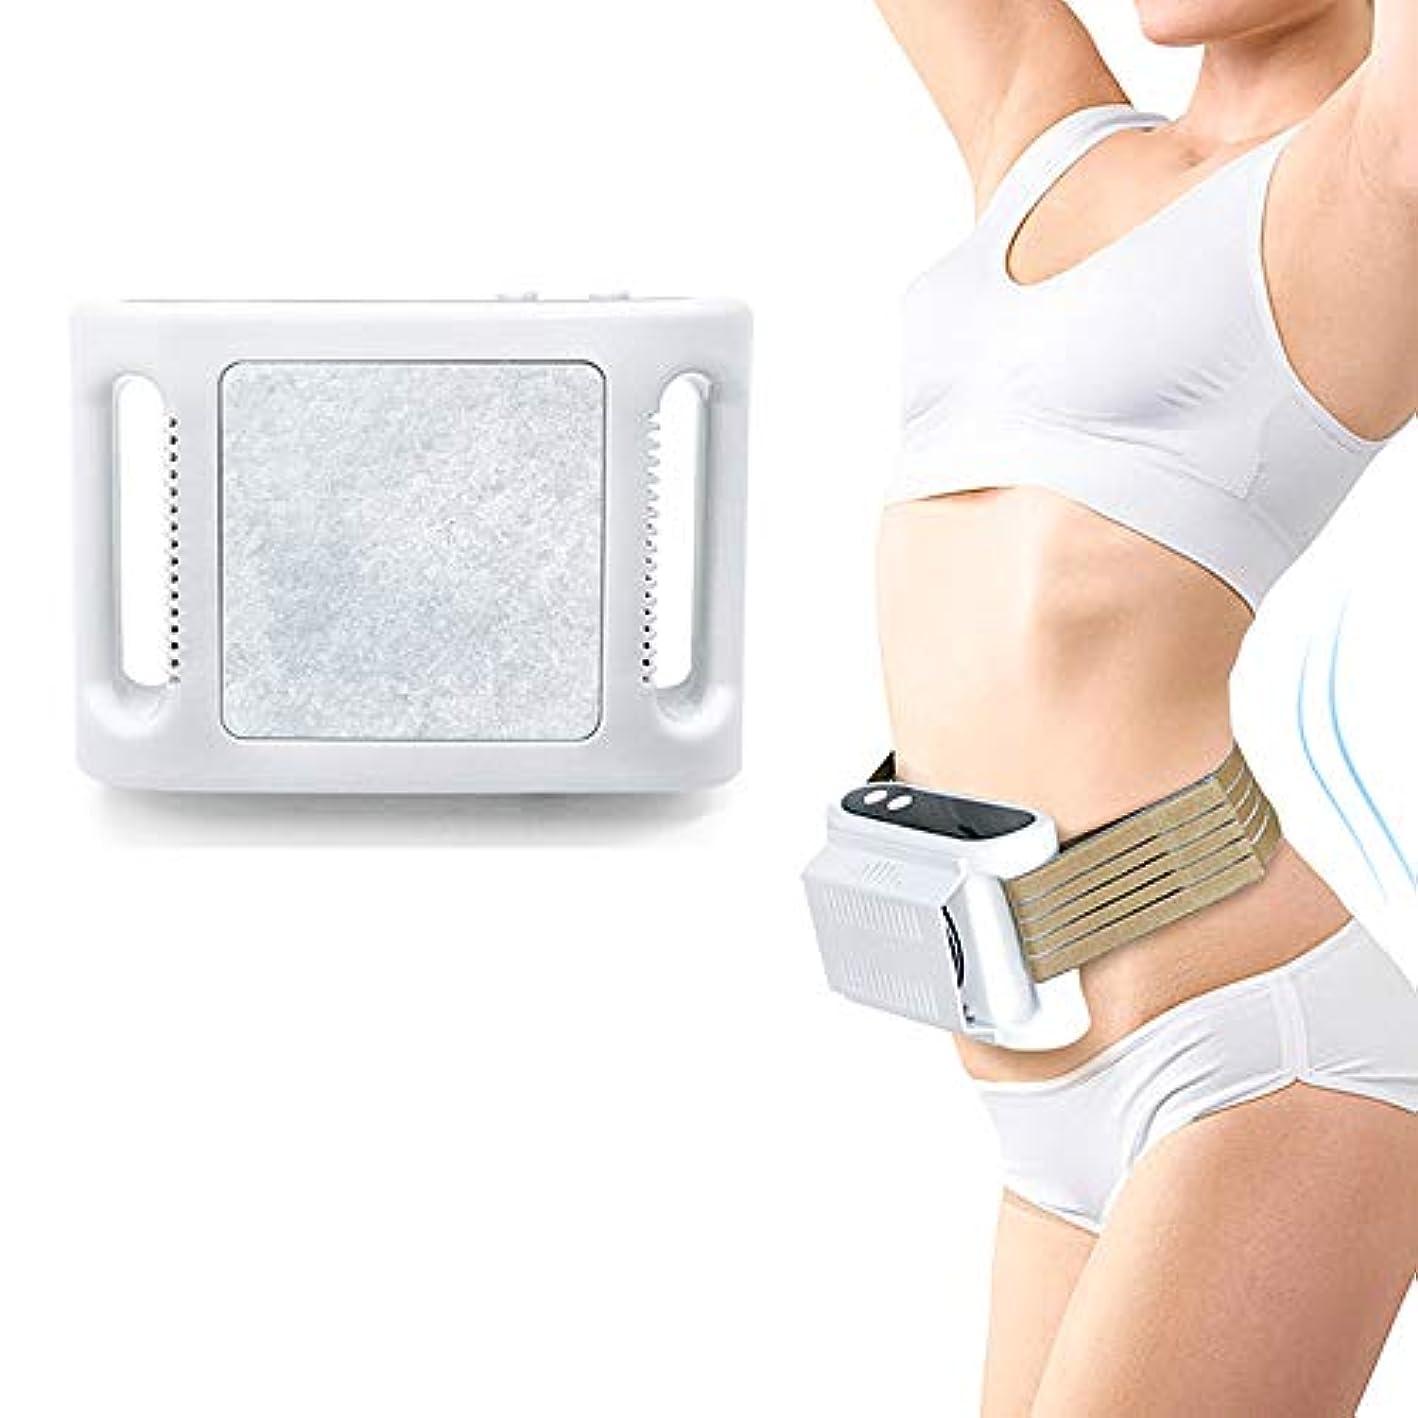 パス弁護士負凍結脂肪除去器具腰トレーナー減量多機能ボディ整形マッサージ女性男性のための美容機器